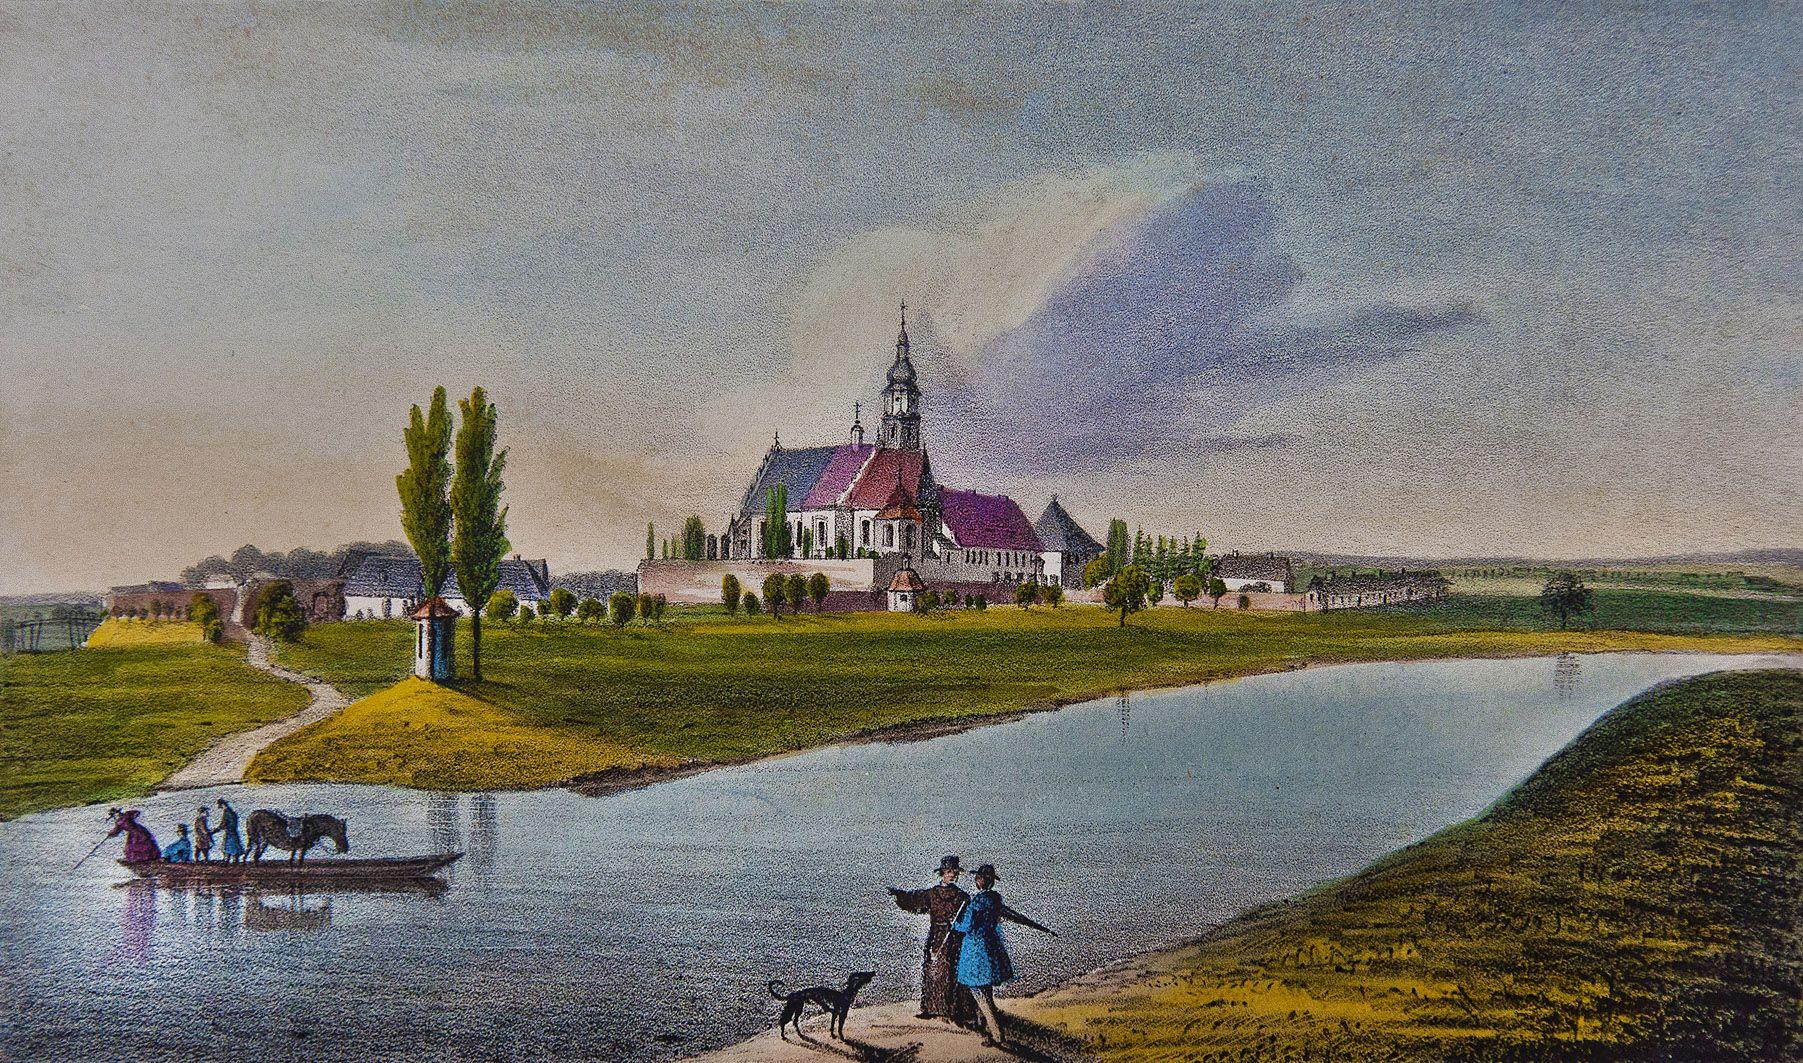 Мацей Боґуш Зиґмунт Стенчинський. Сокаль монастир бернардинів, 1847; літографія